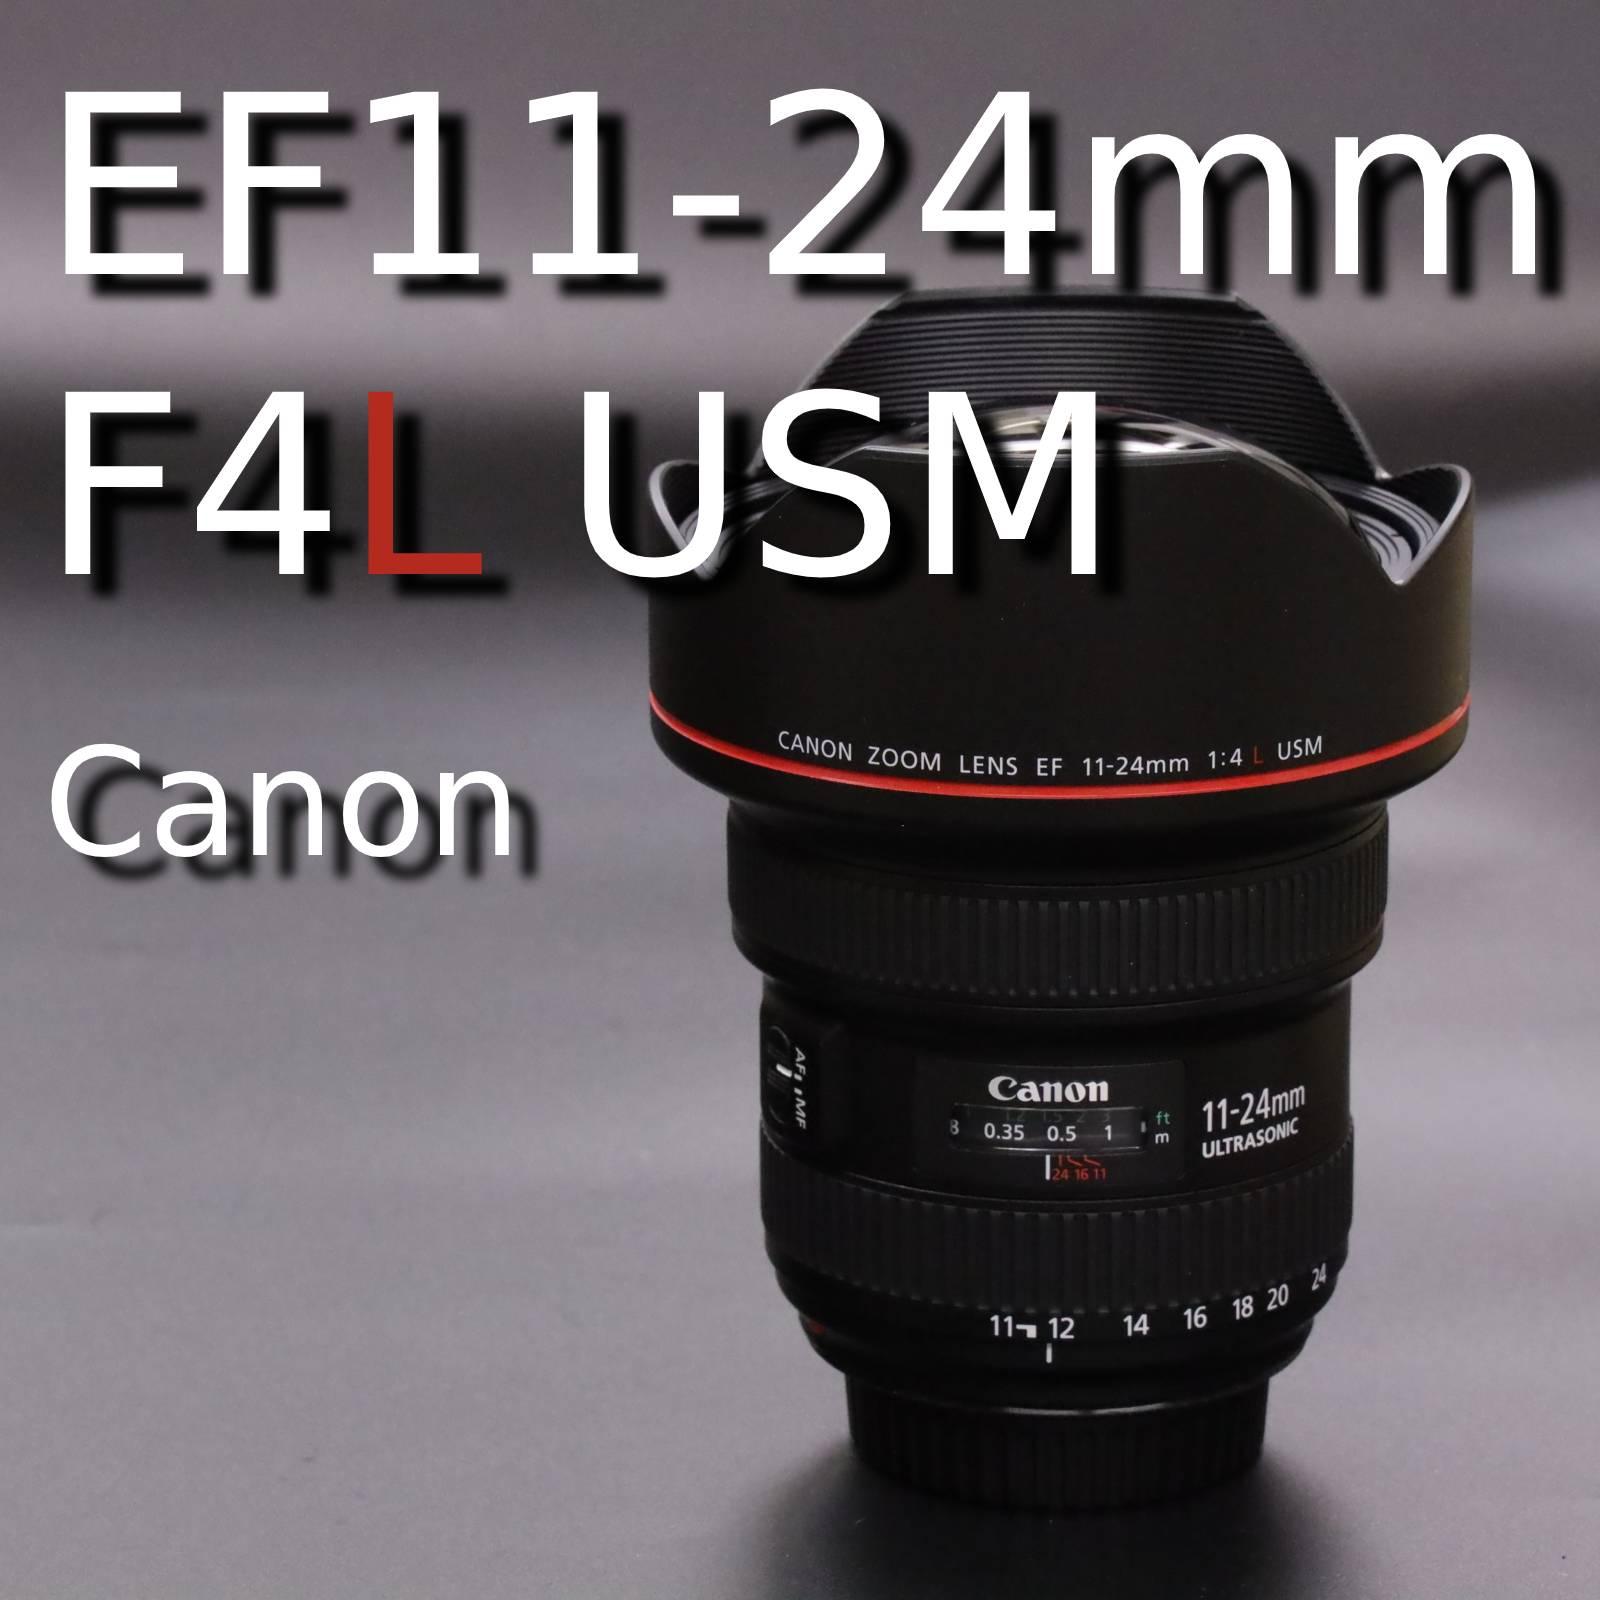 【Canon】EF11-24mm F4L USM を触って